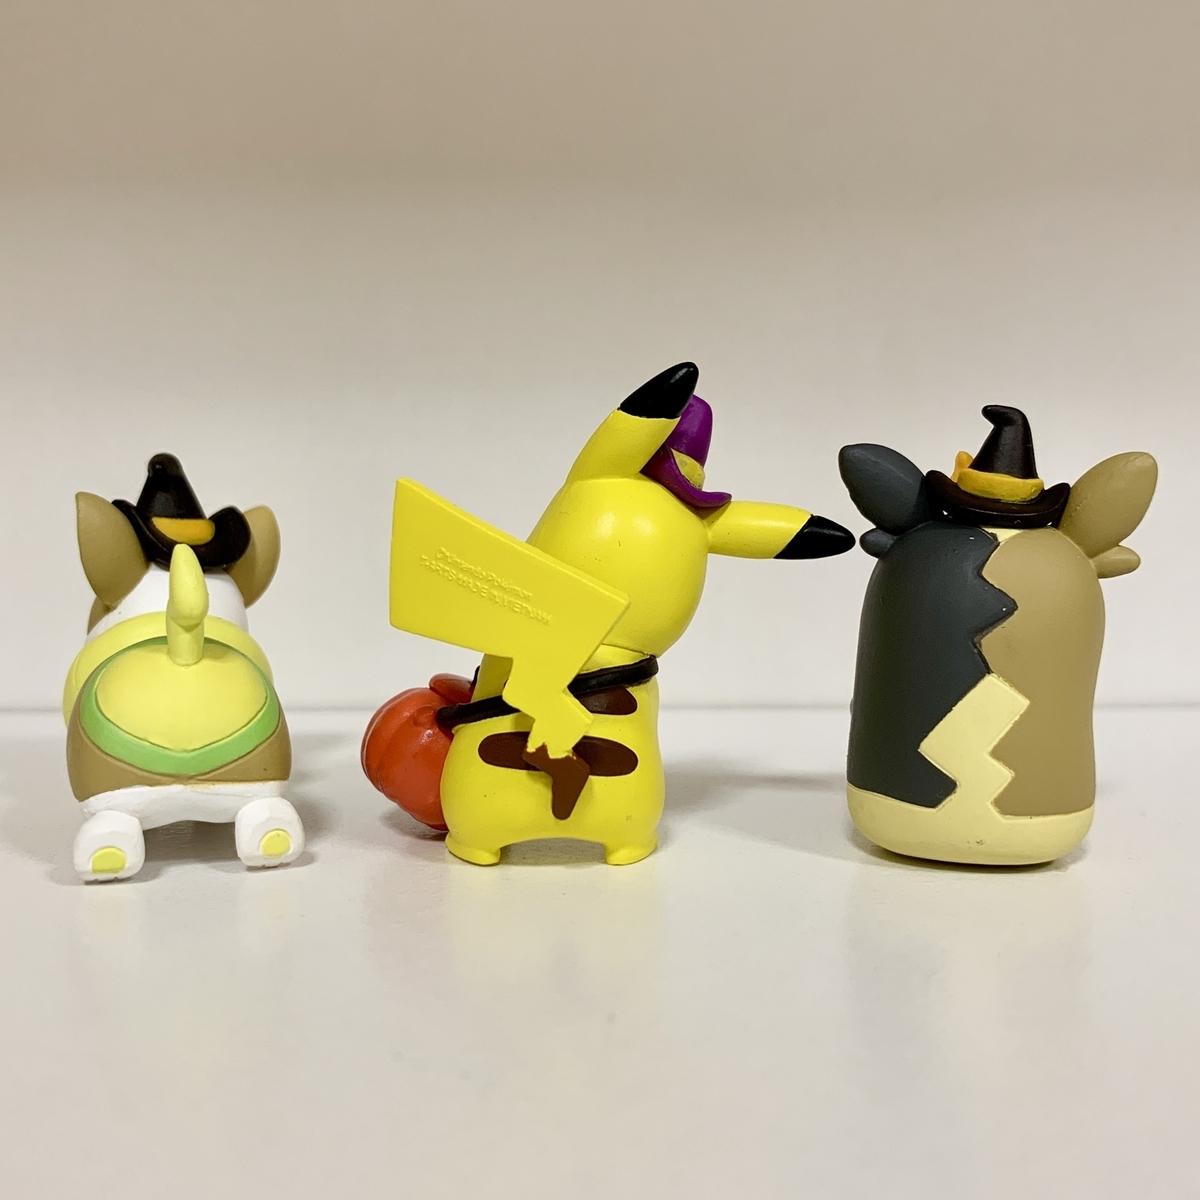 f:id:pikachu_pcn:20200915135835j:plain